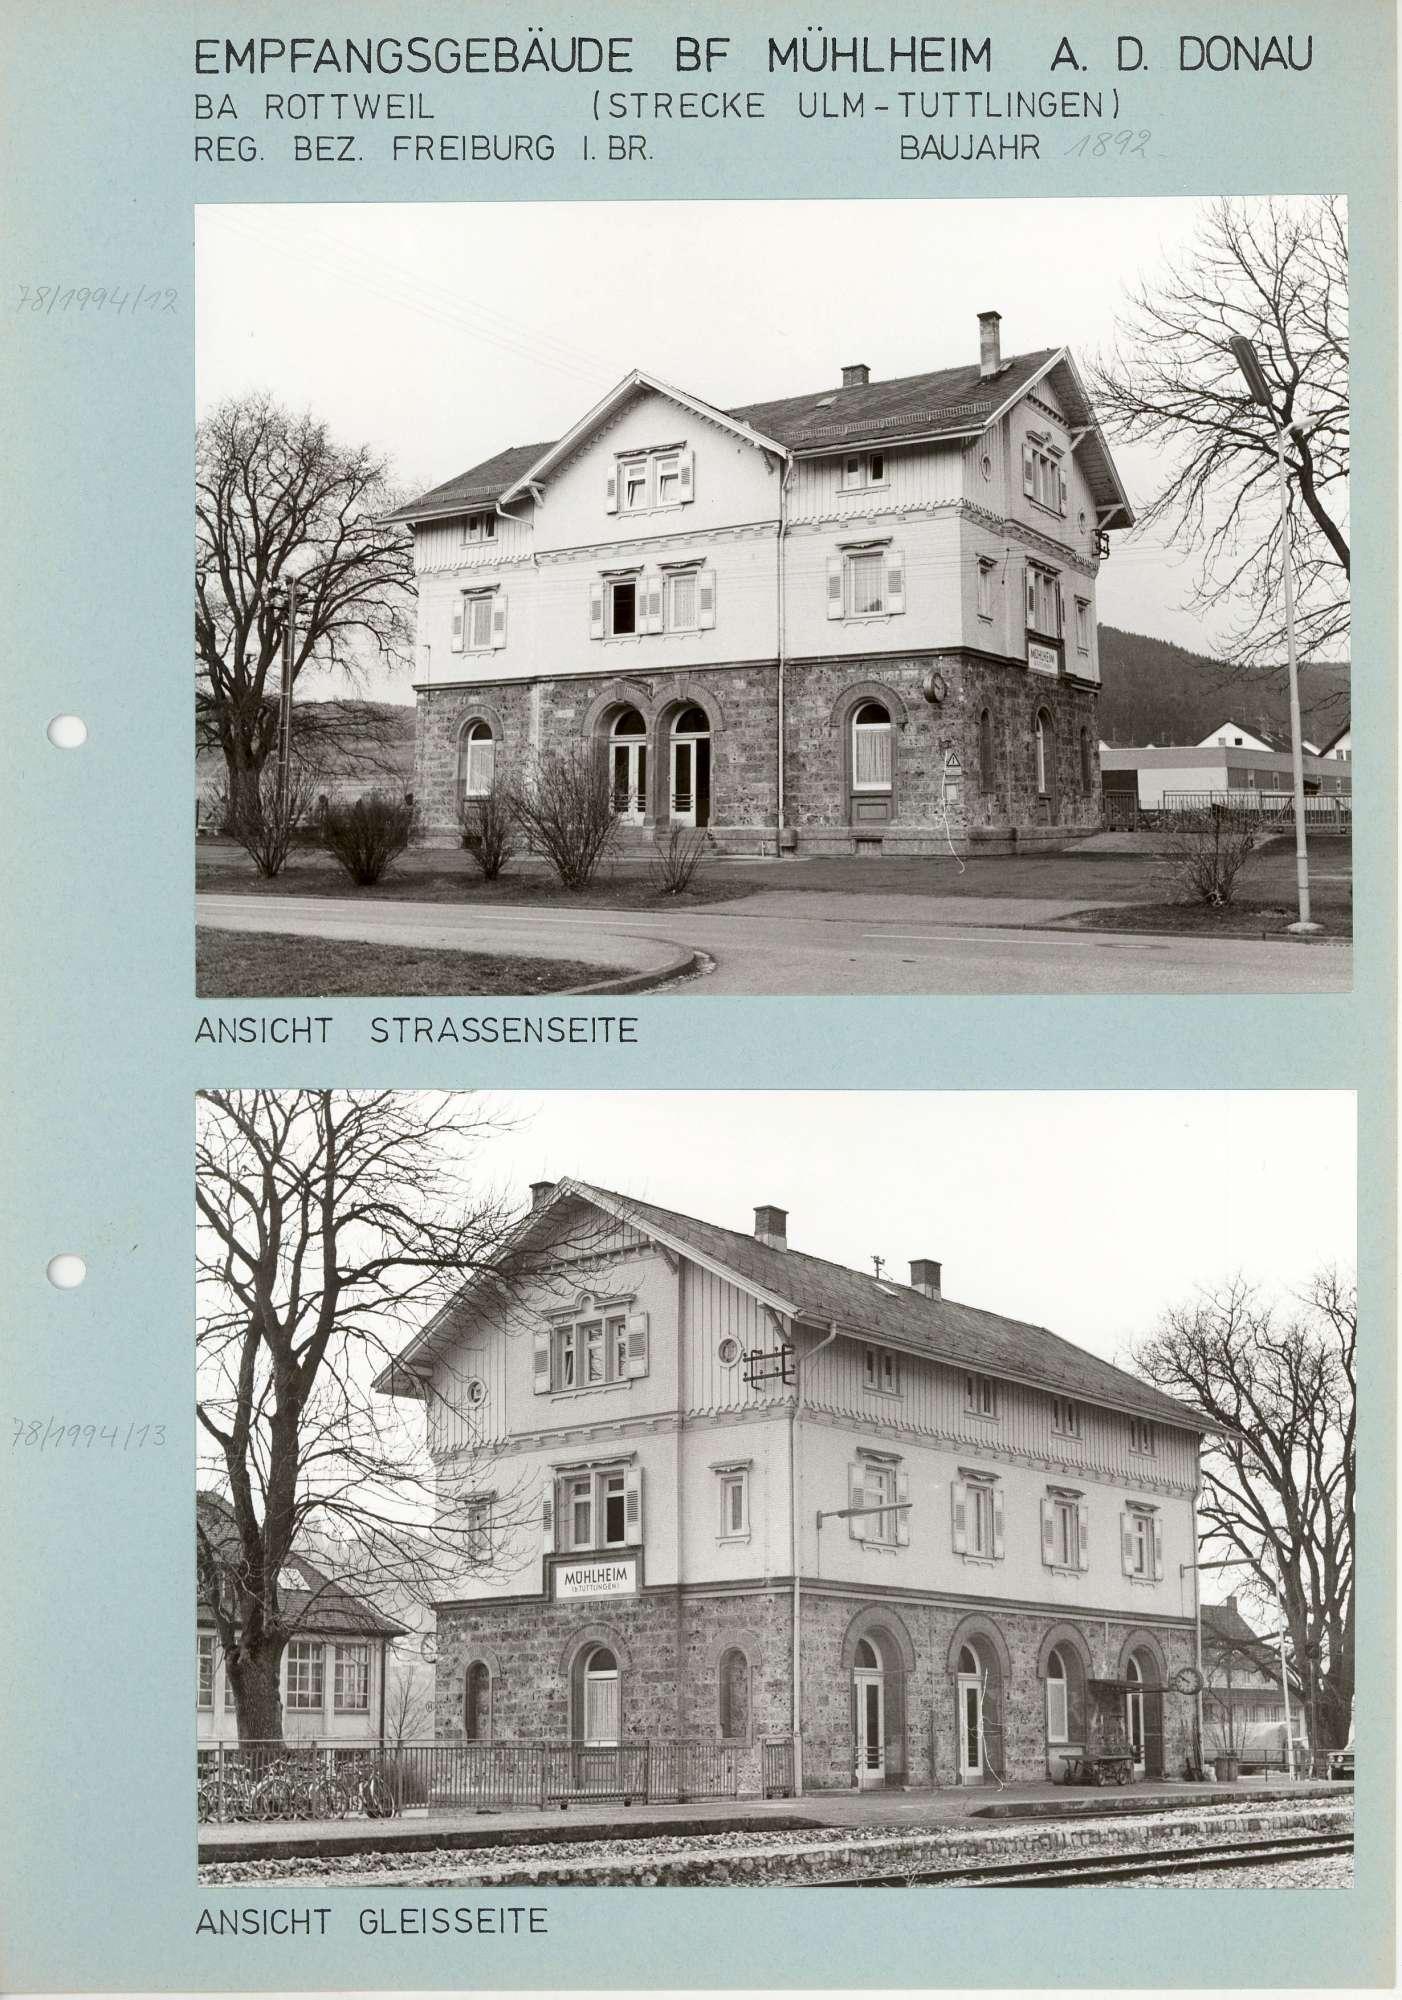 Mühlheim an der Donau: 4 Fotos, Bild 1